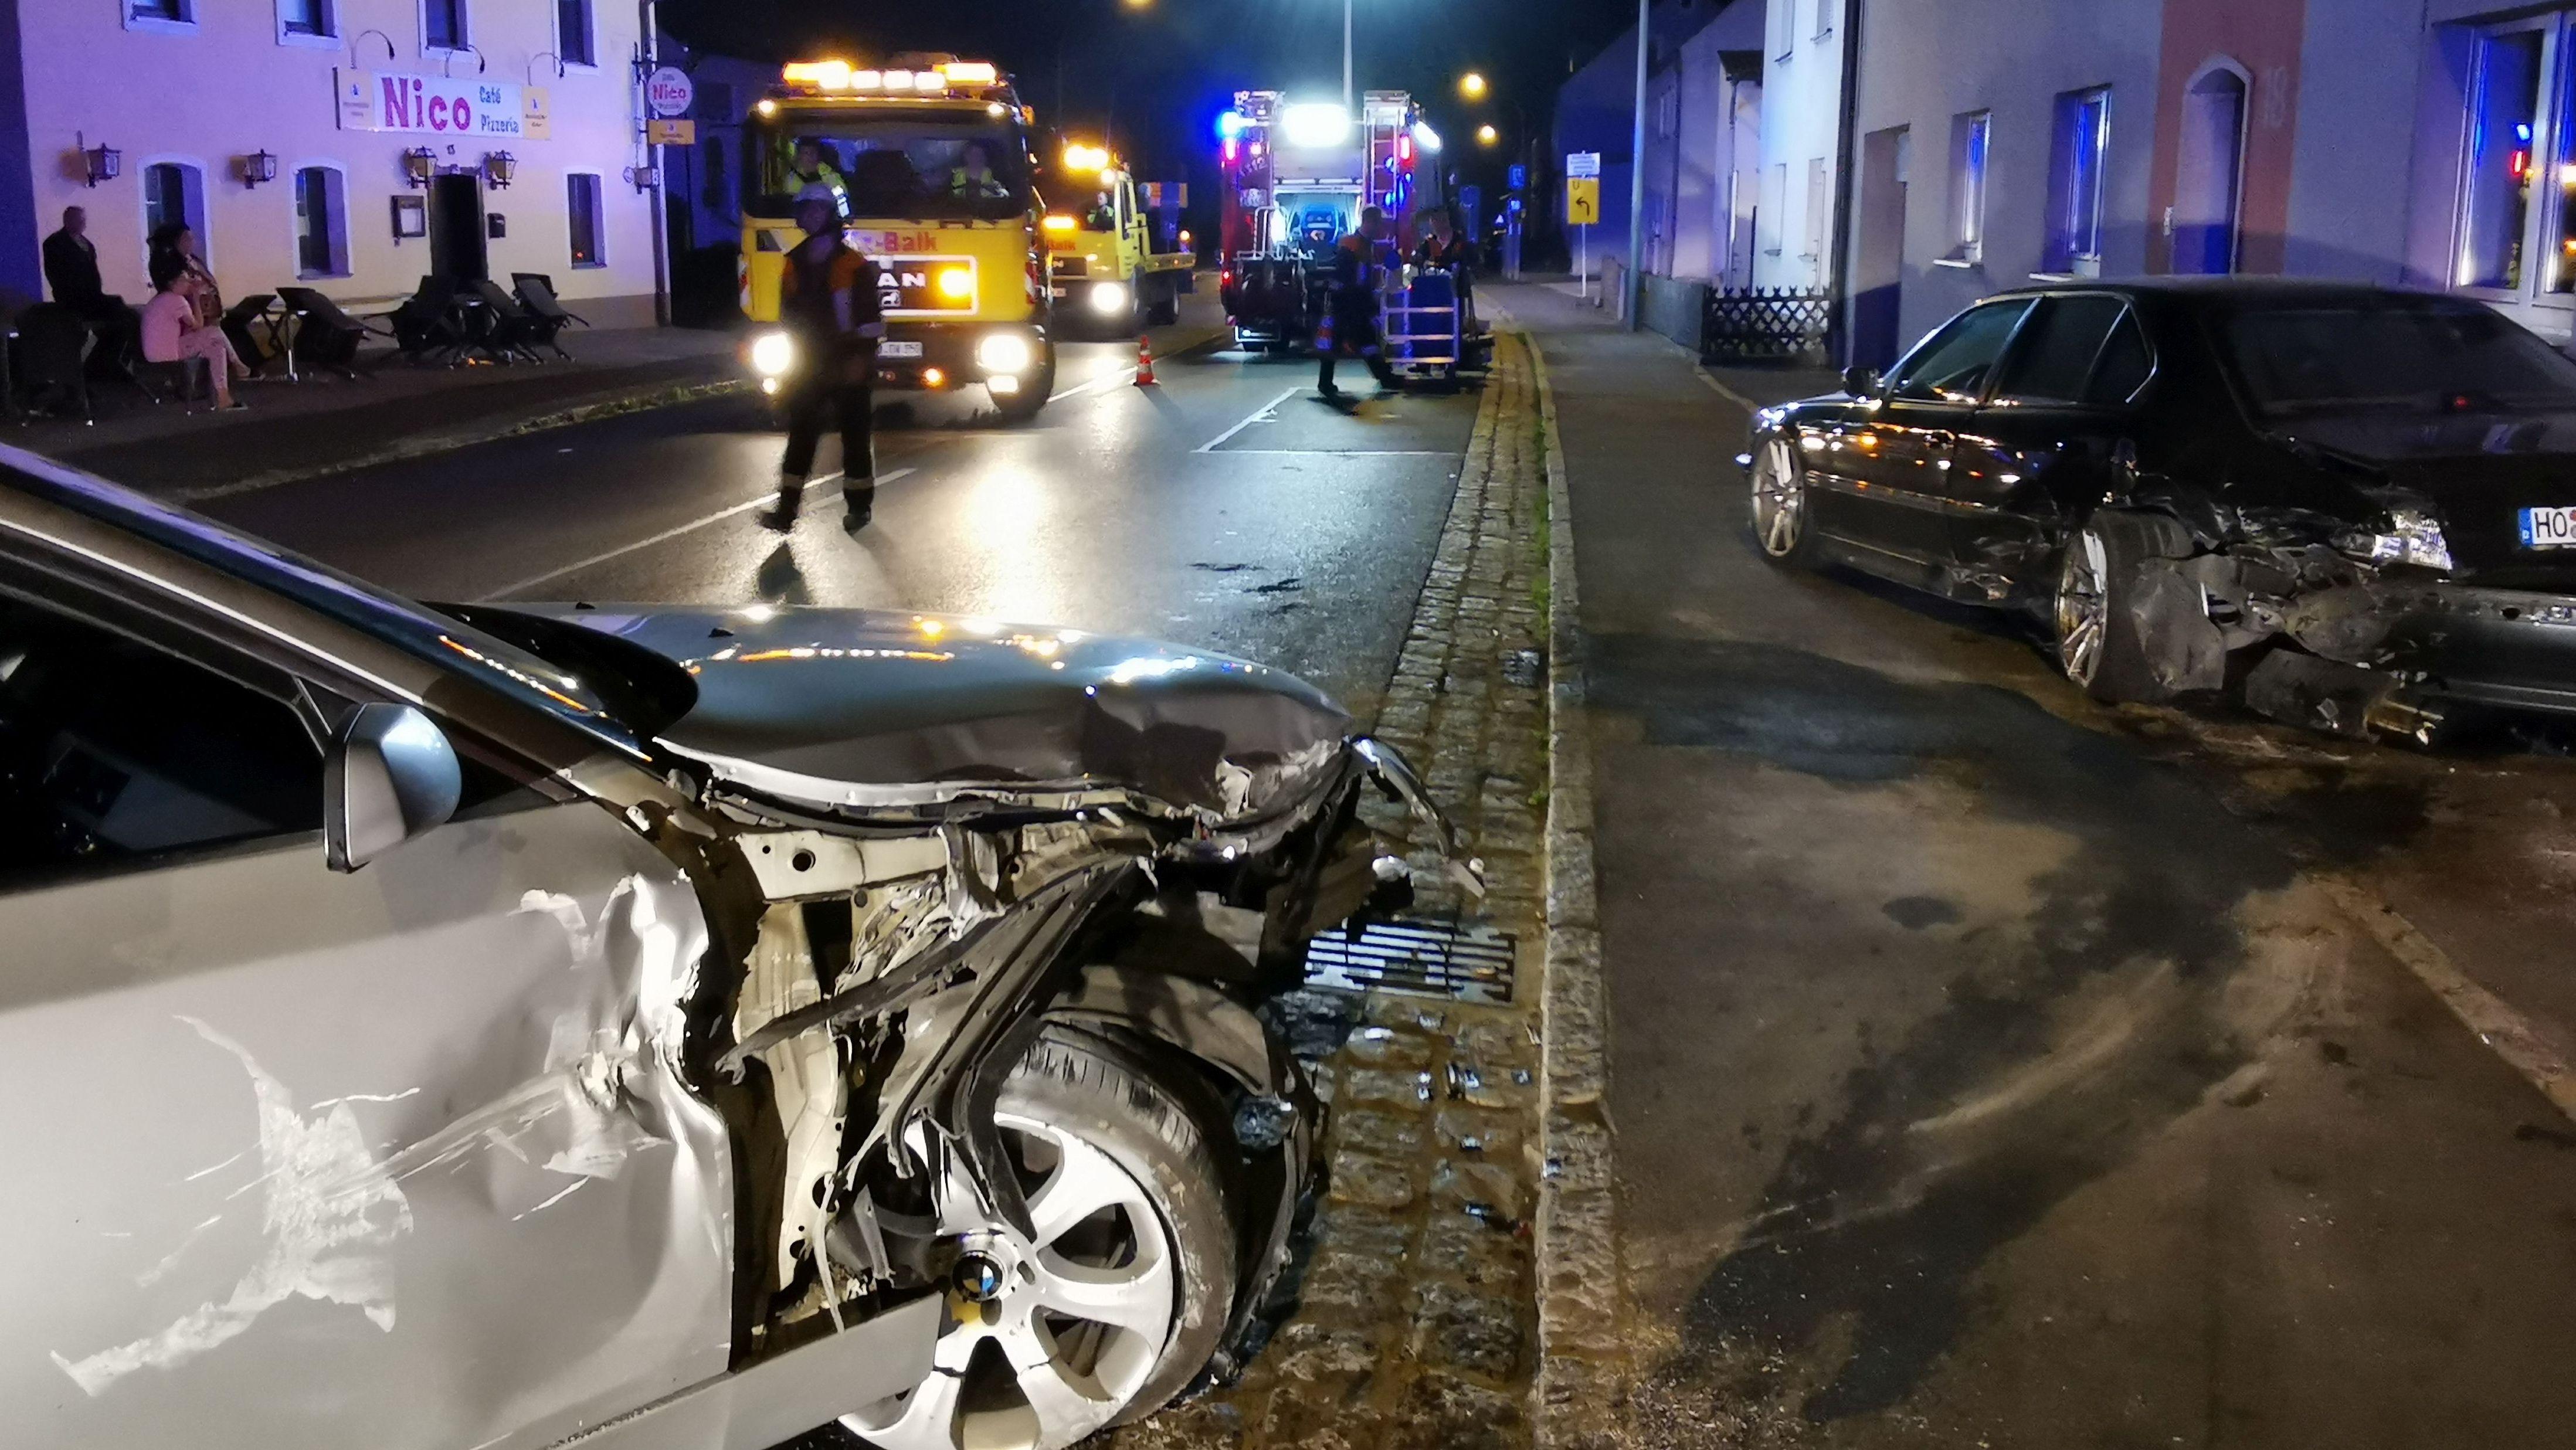 Ein BMW hat einen parkenden Wagen gerammt und gegen eine Hauswand gedrückt